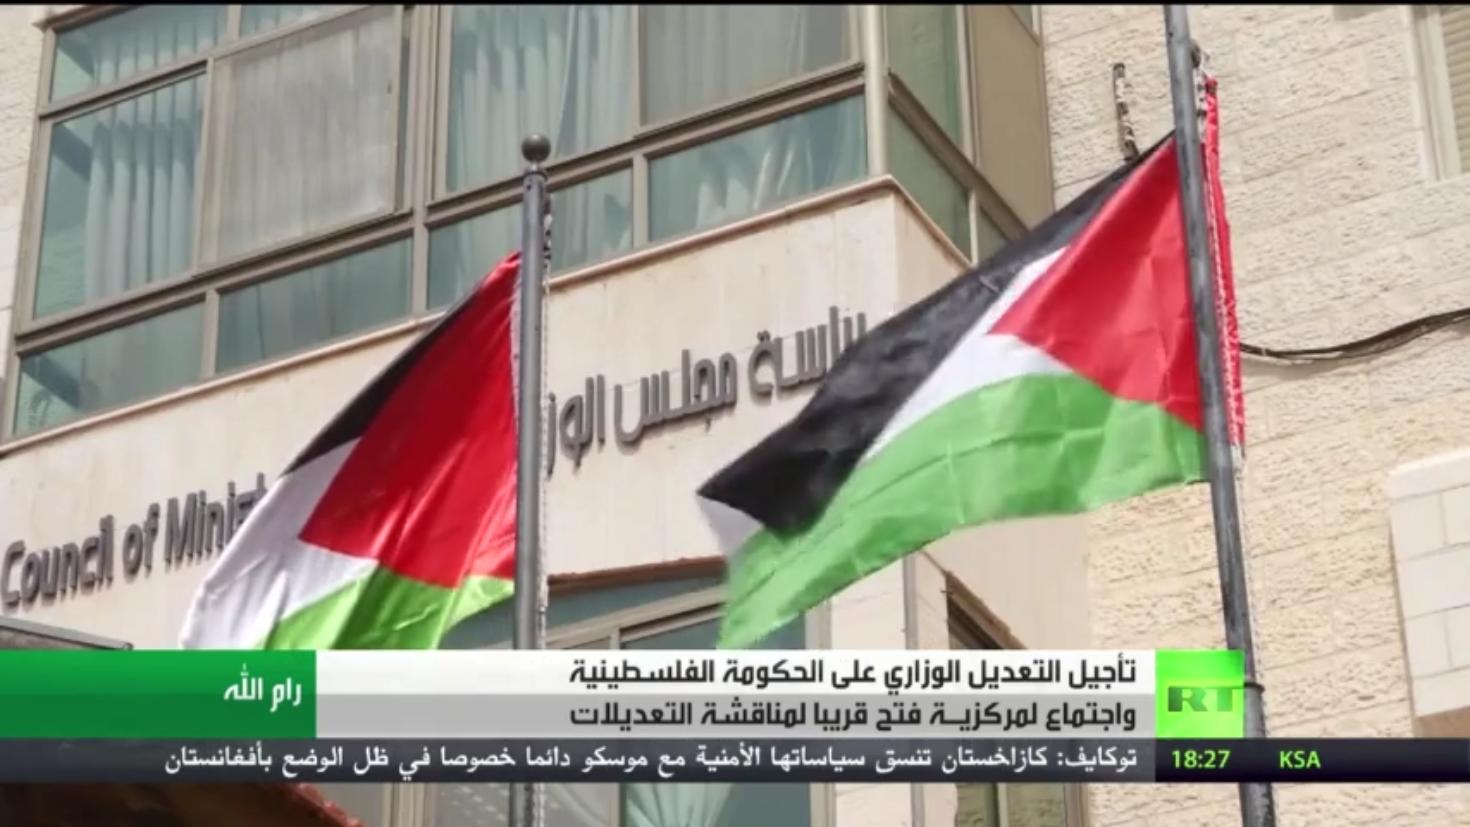 تأجيل التعديل الوزاري على الحكومة الفلسطينية